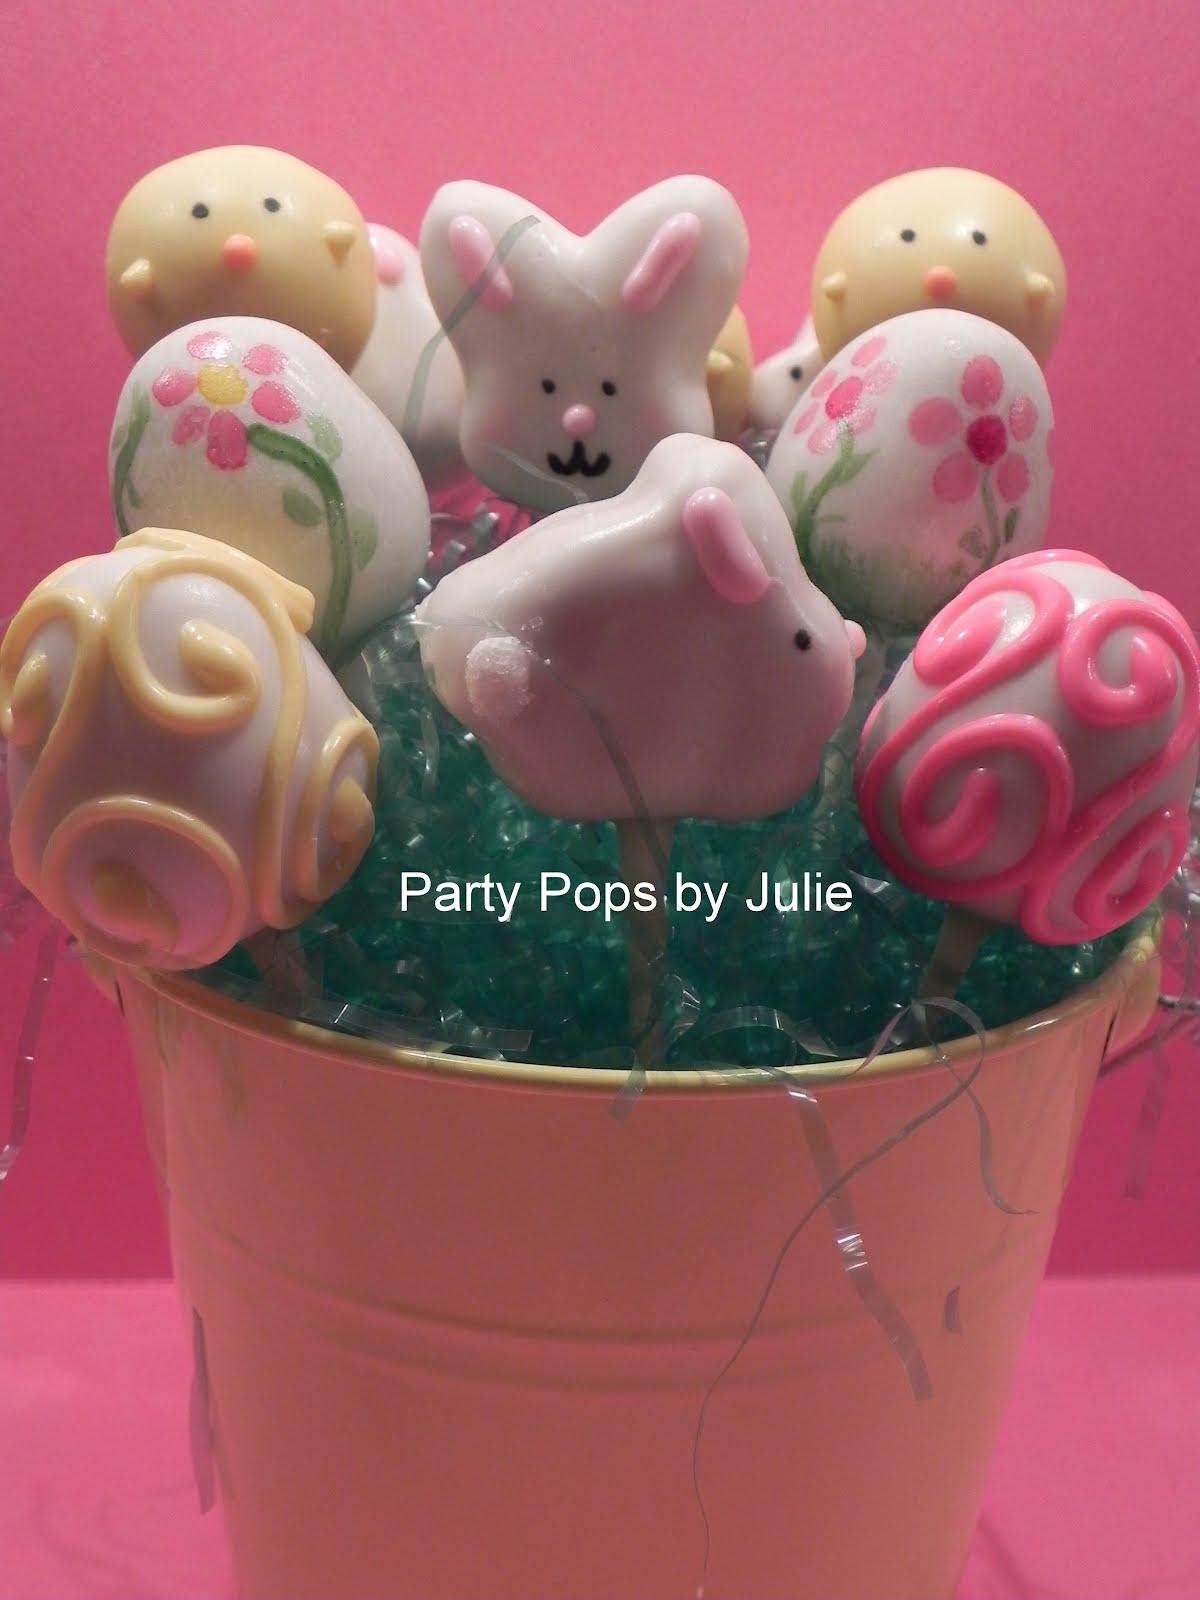 Nashville S Party Pops By Julie 2012 Easter Cake Pop Assortment